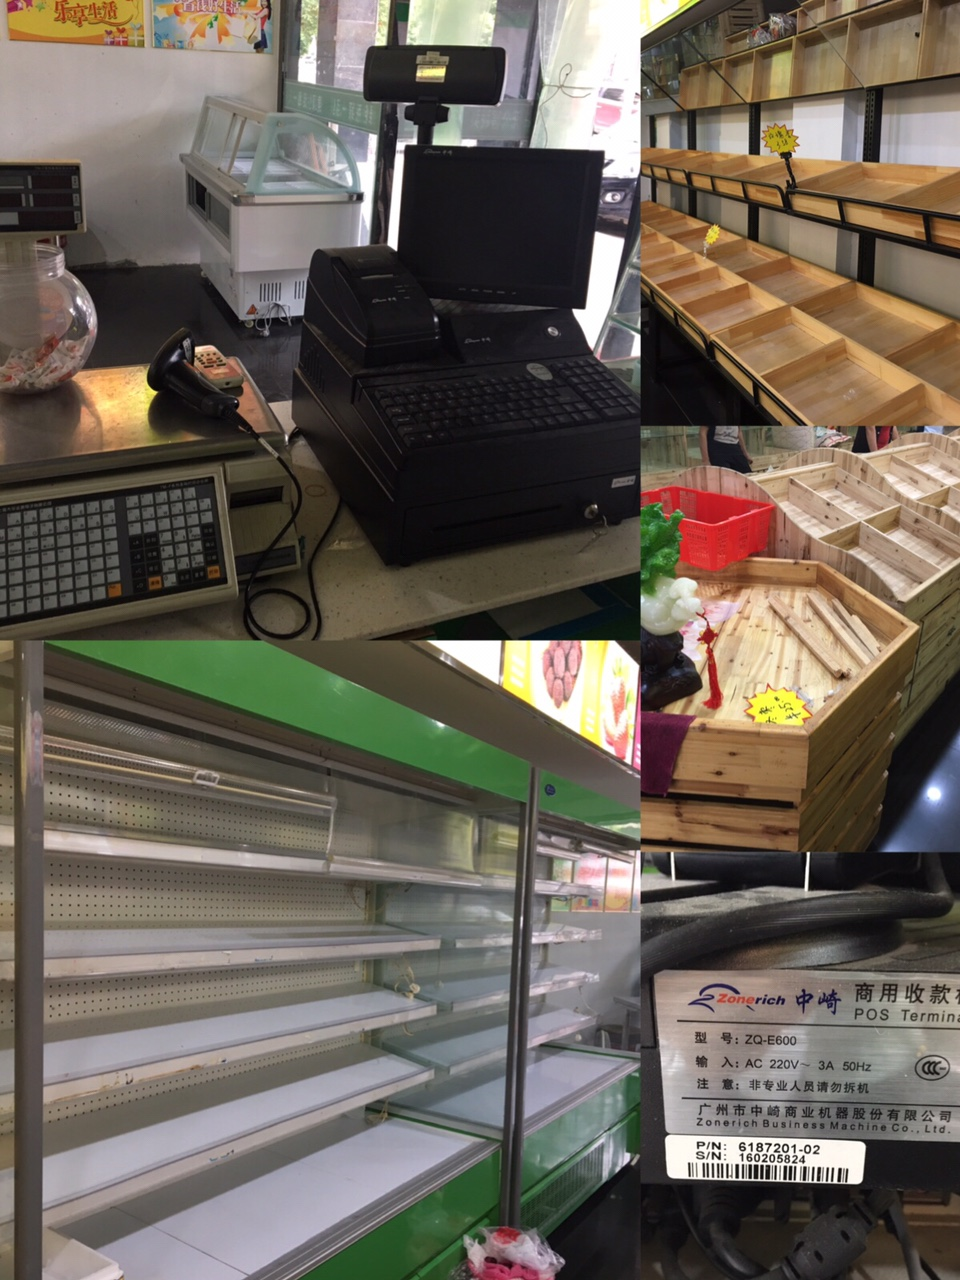 出售二手收银机水果保鲜柜